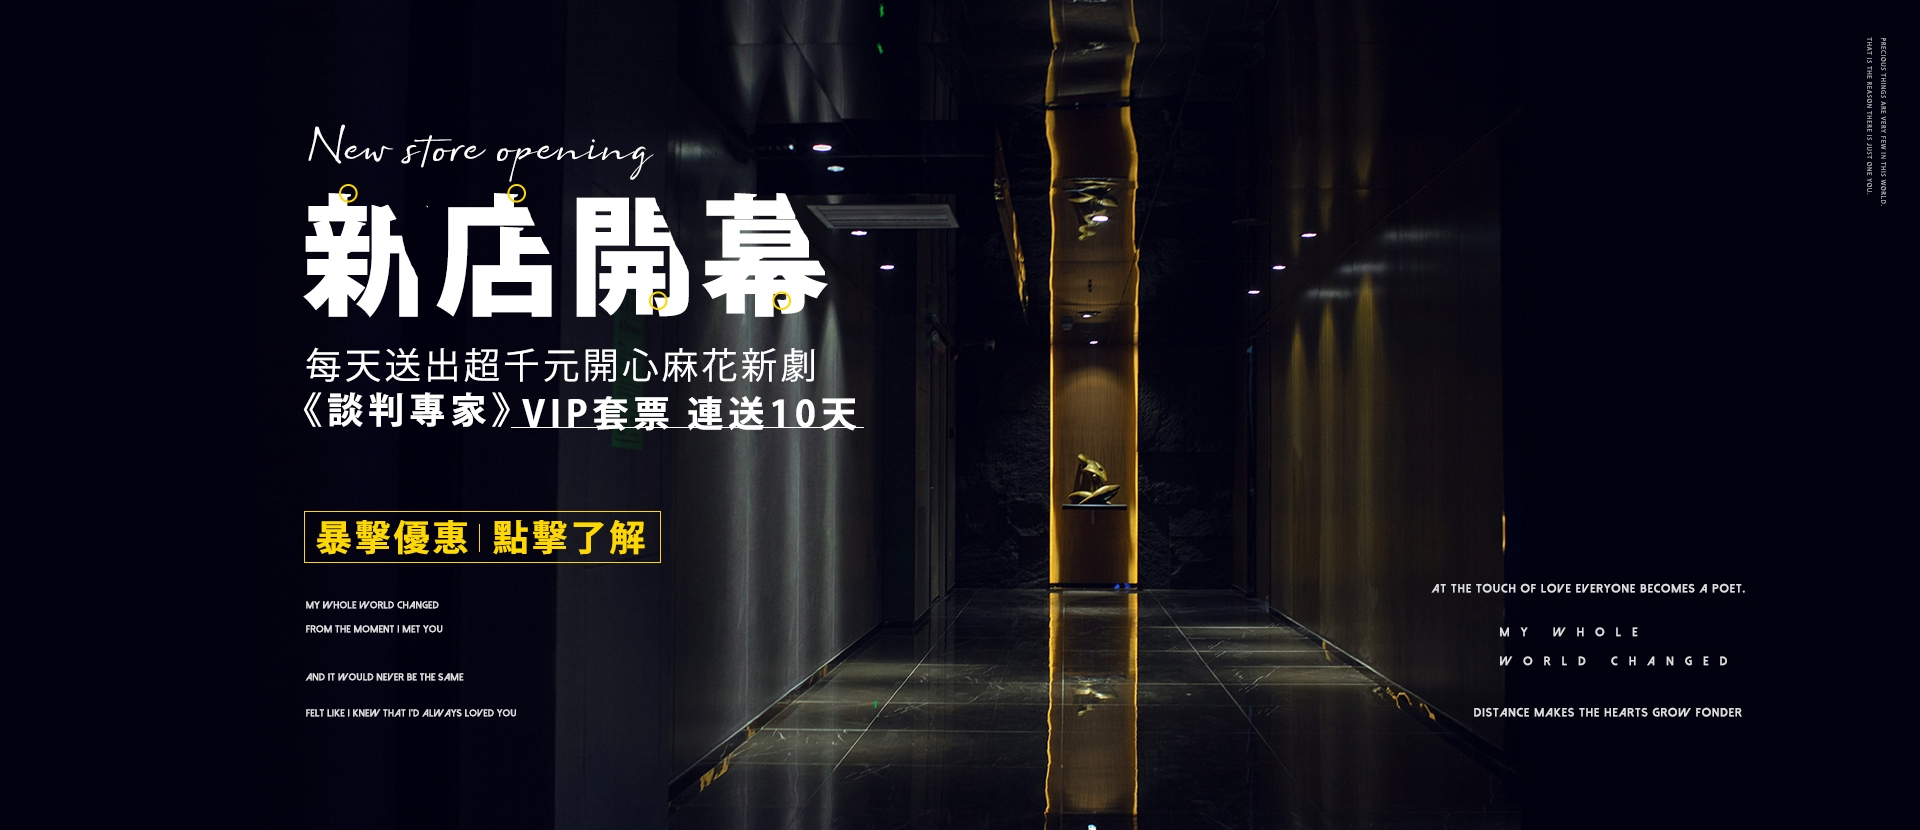 GV·STUDIO X 新店开幕